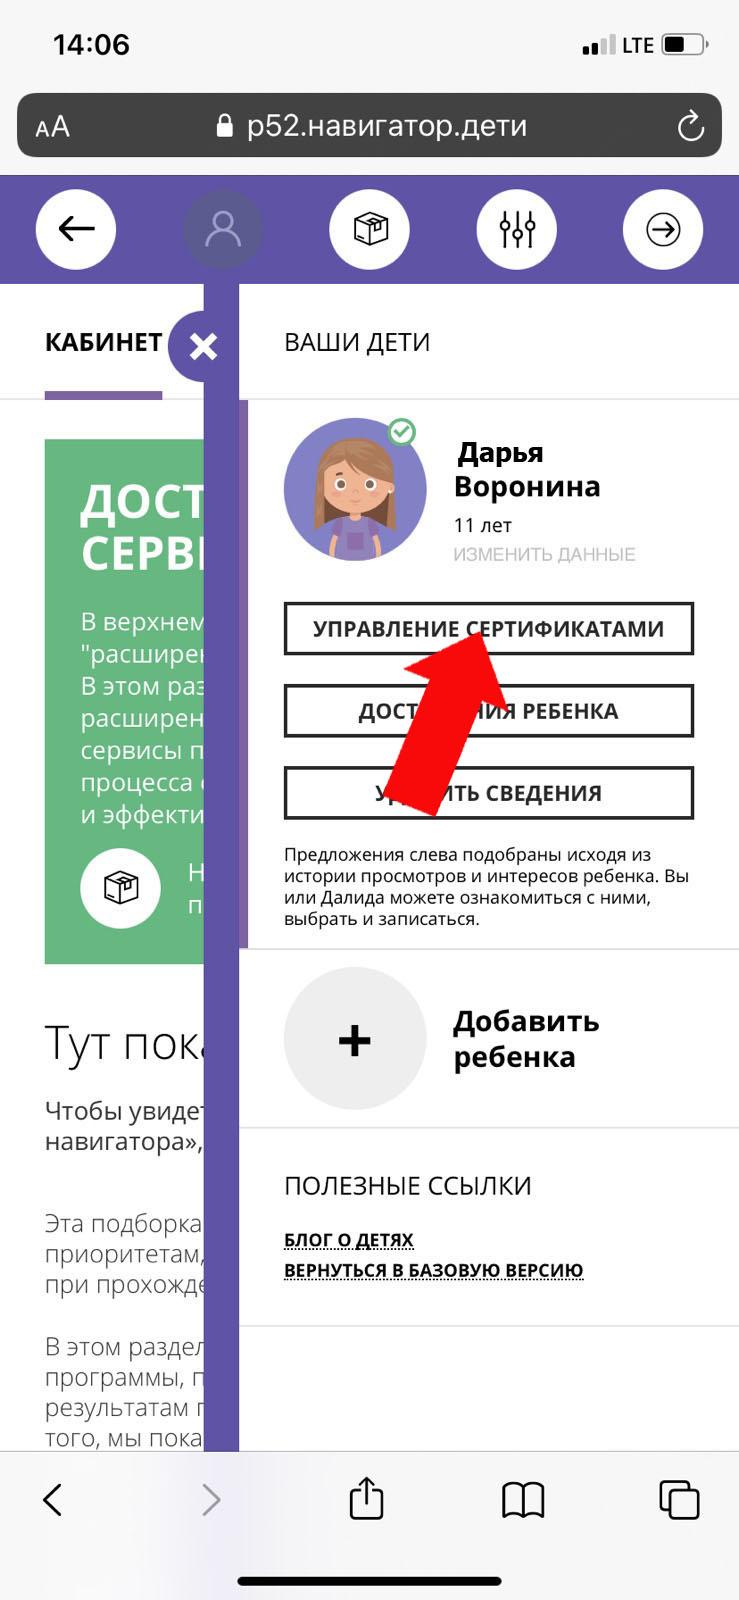 http://cdt-leninskii.ucoz.net/ART-DESIGN/shag_5.jpg